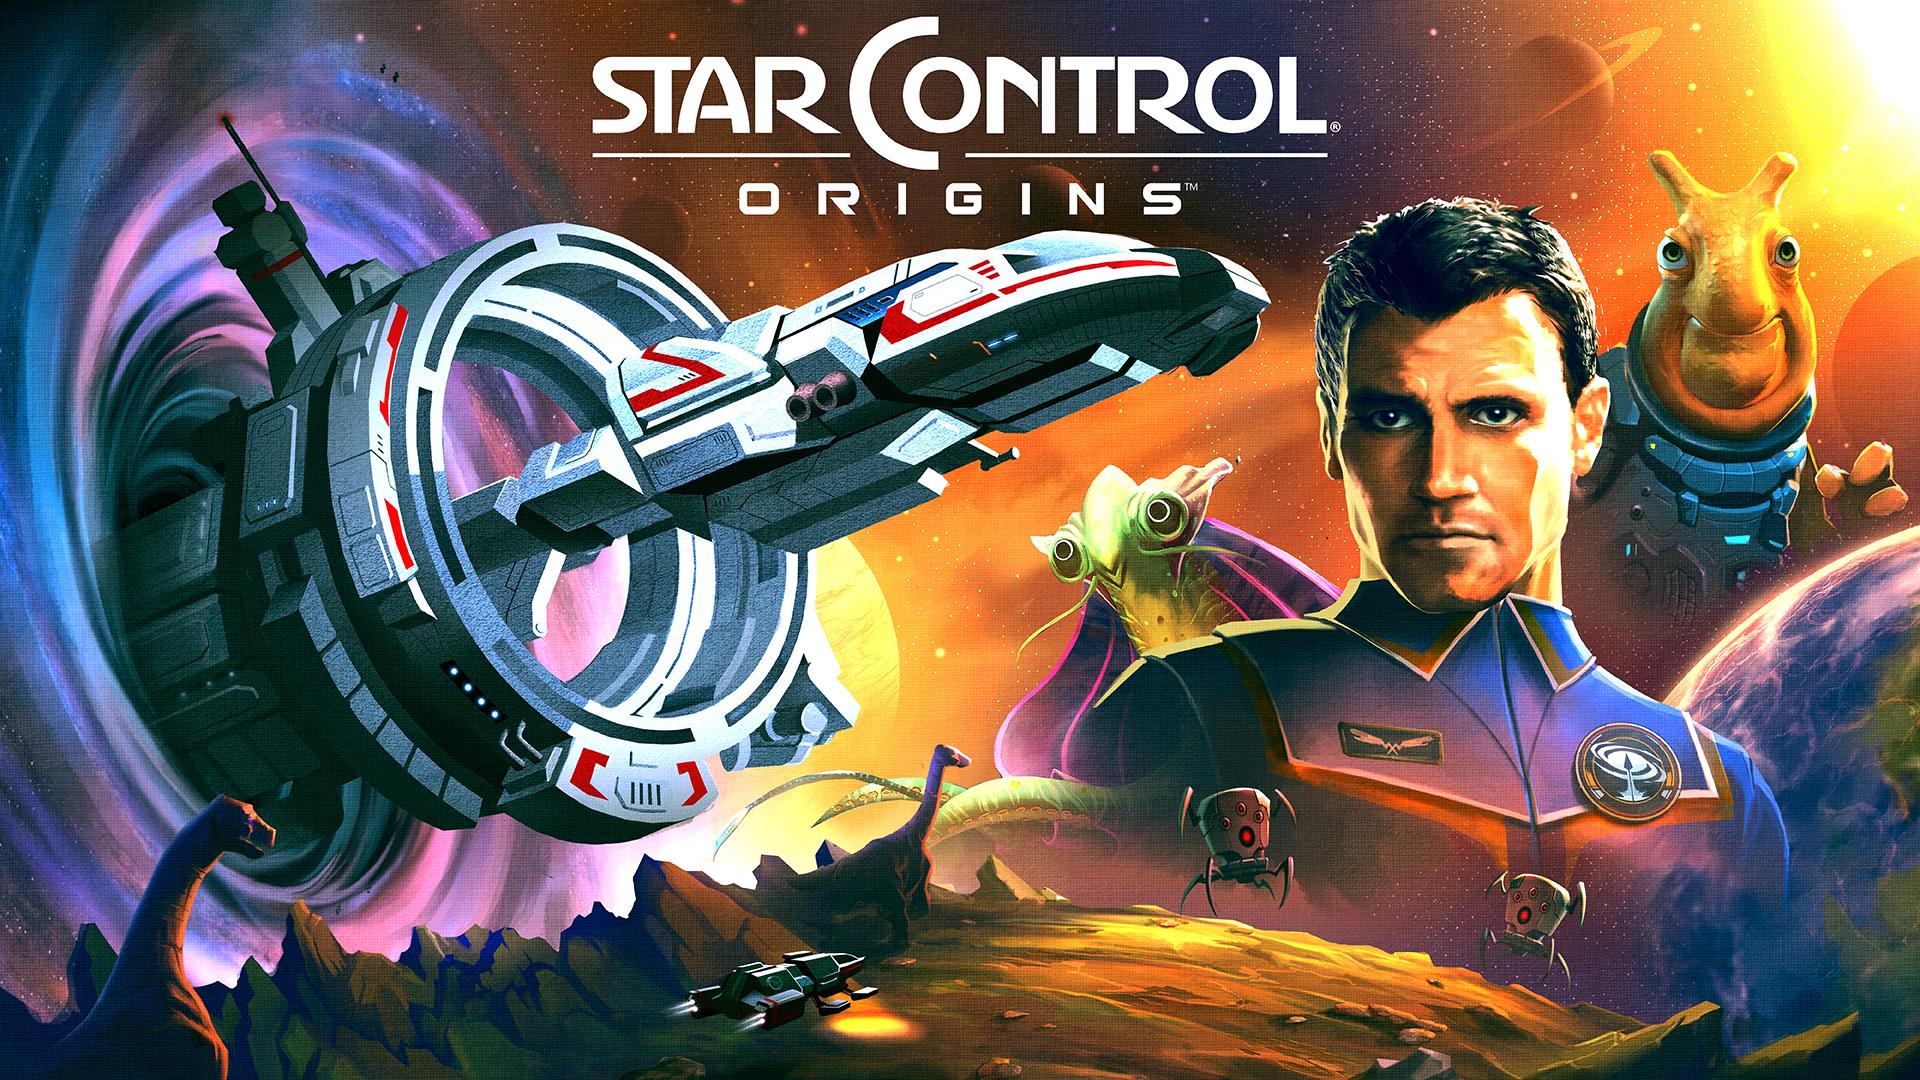 Star Control Origins Screenshots Video And Wallpaper